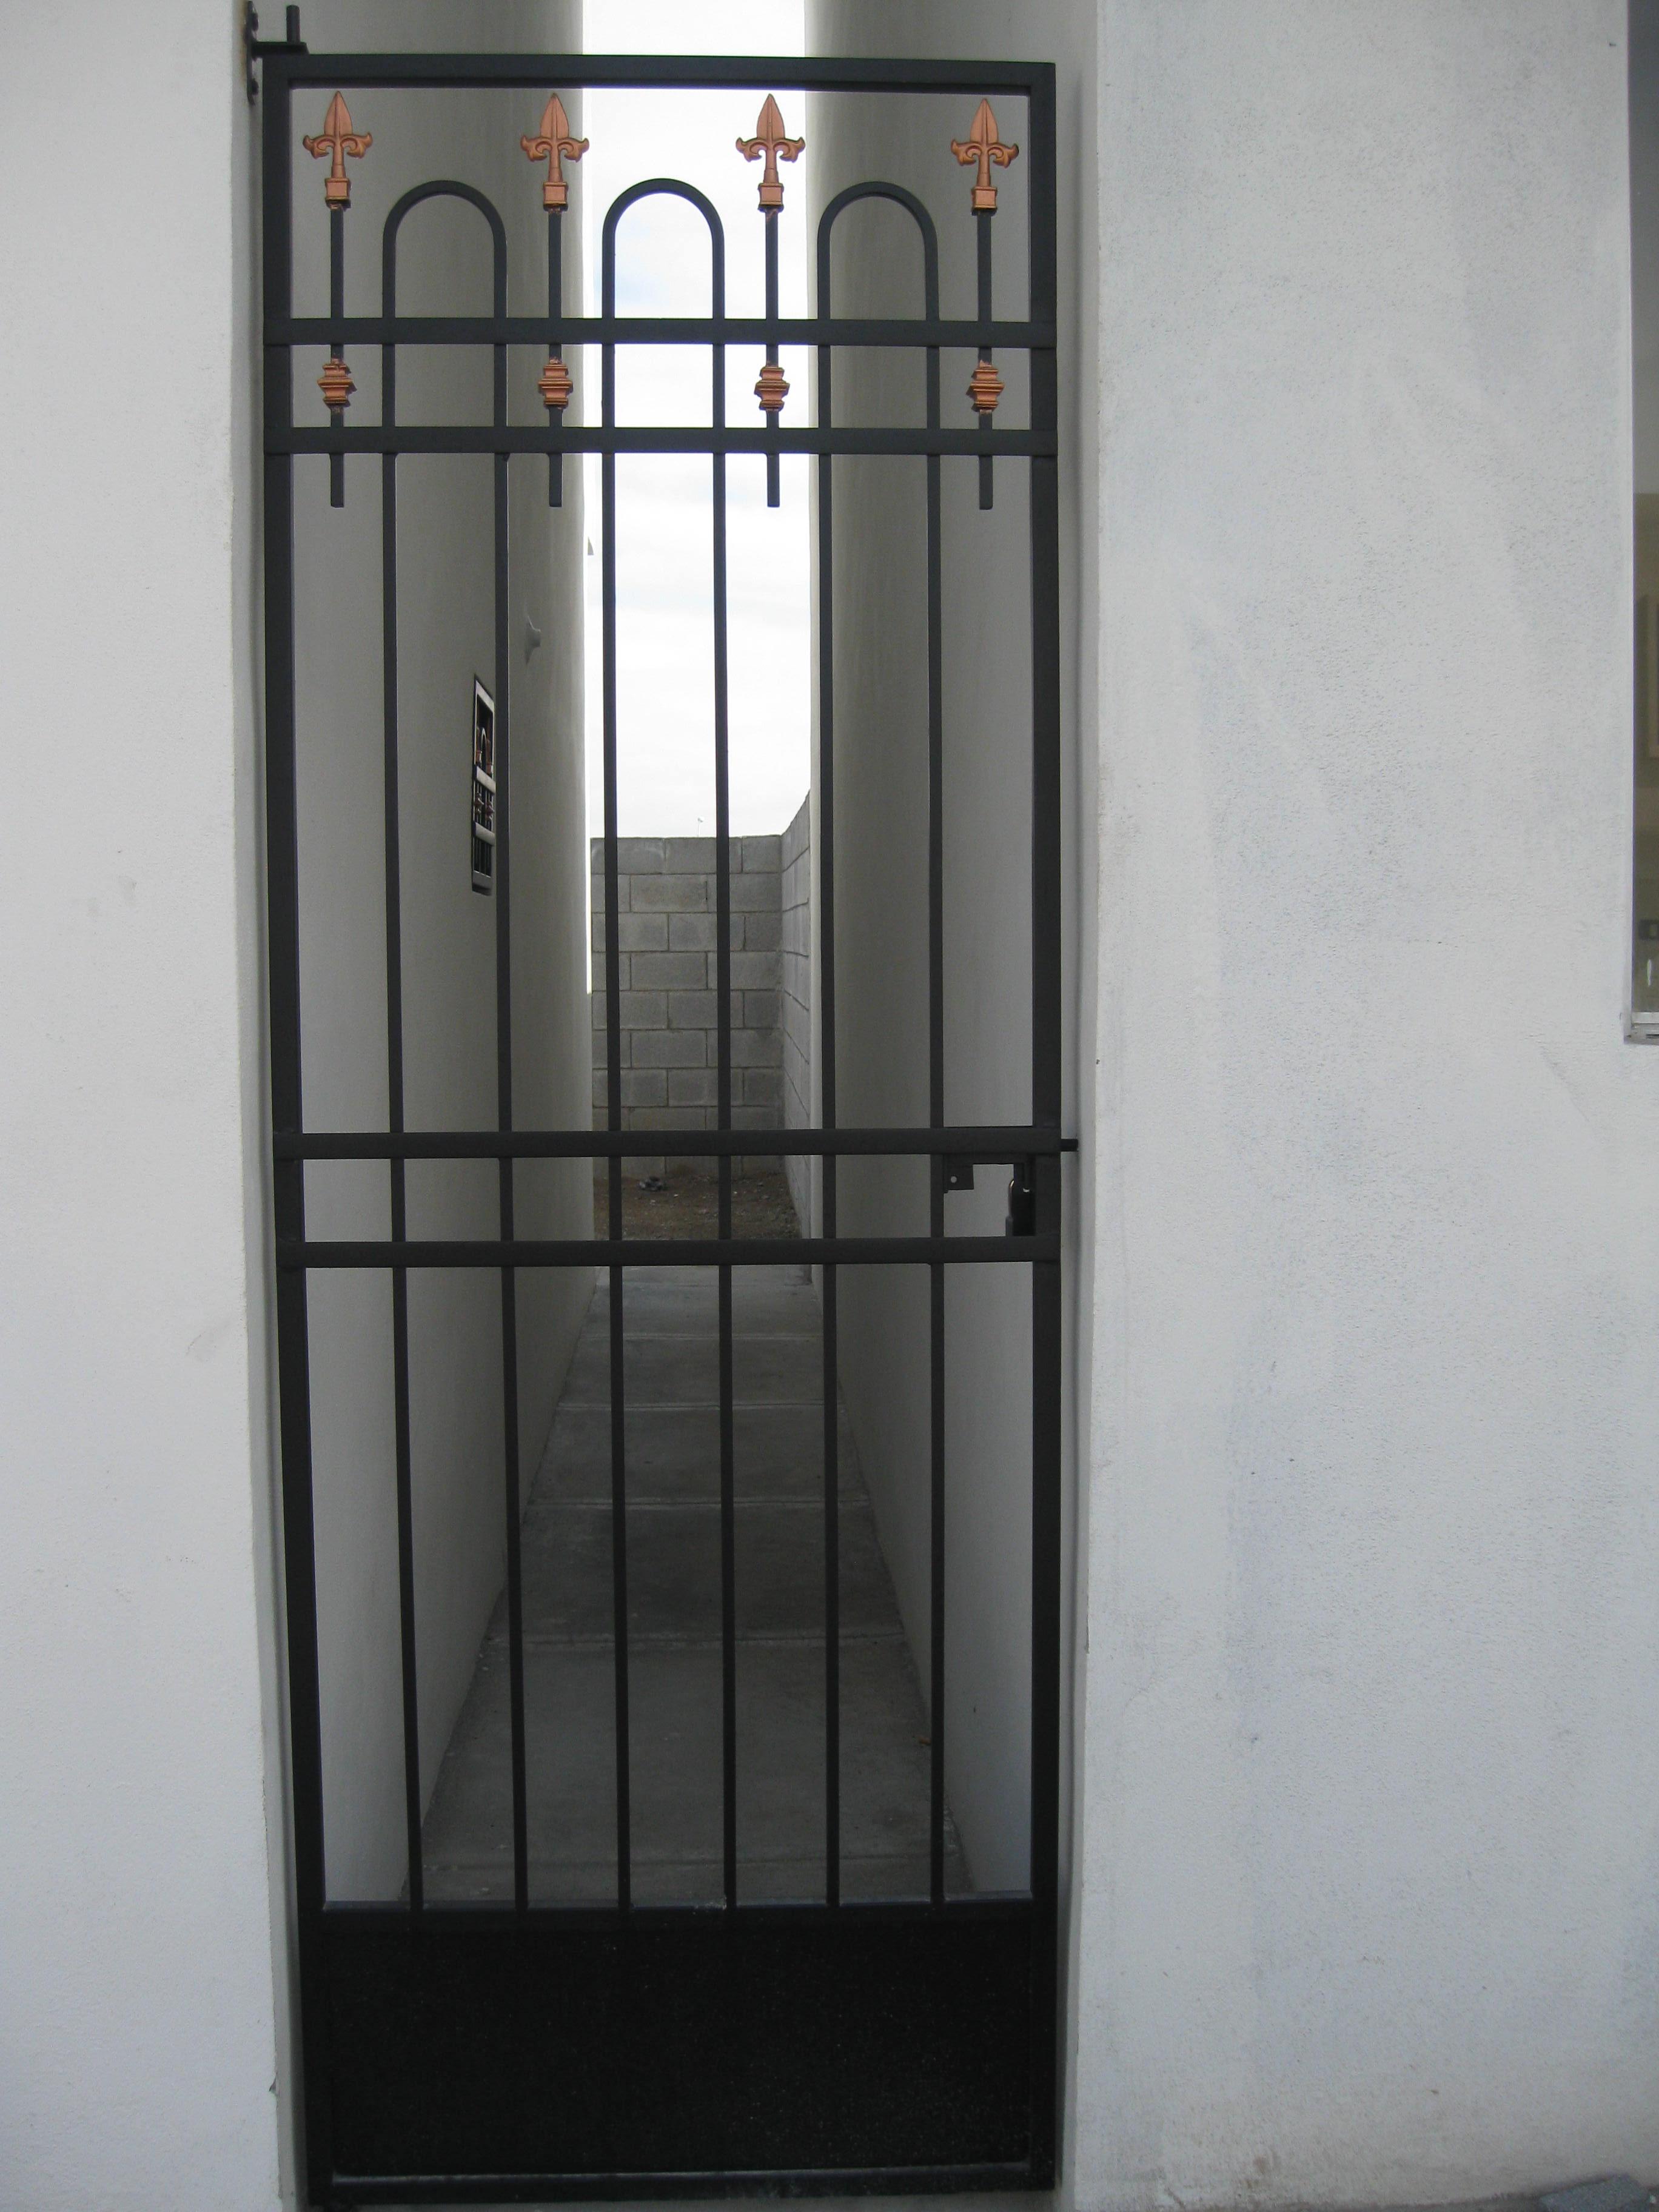 Puertas de servicio puertas automaticas monterrey - Puertas de servicio ...